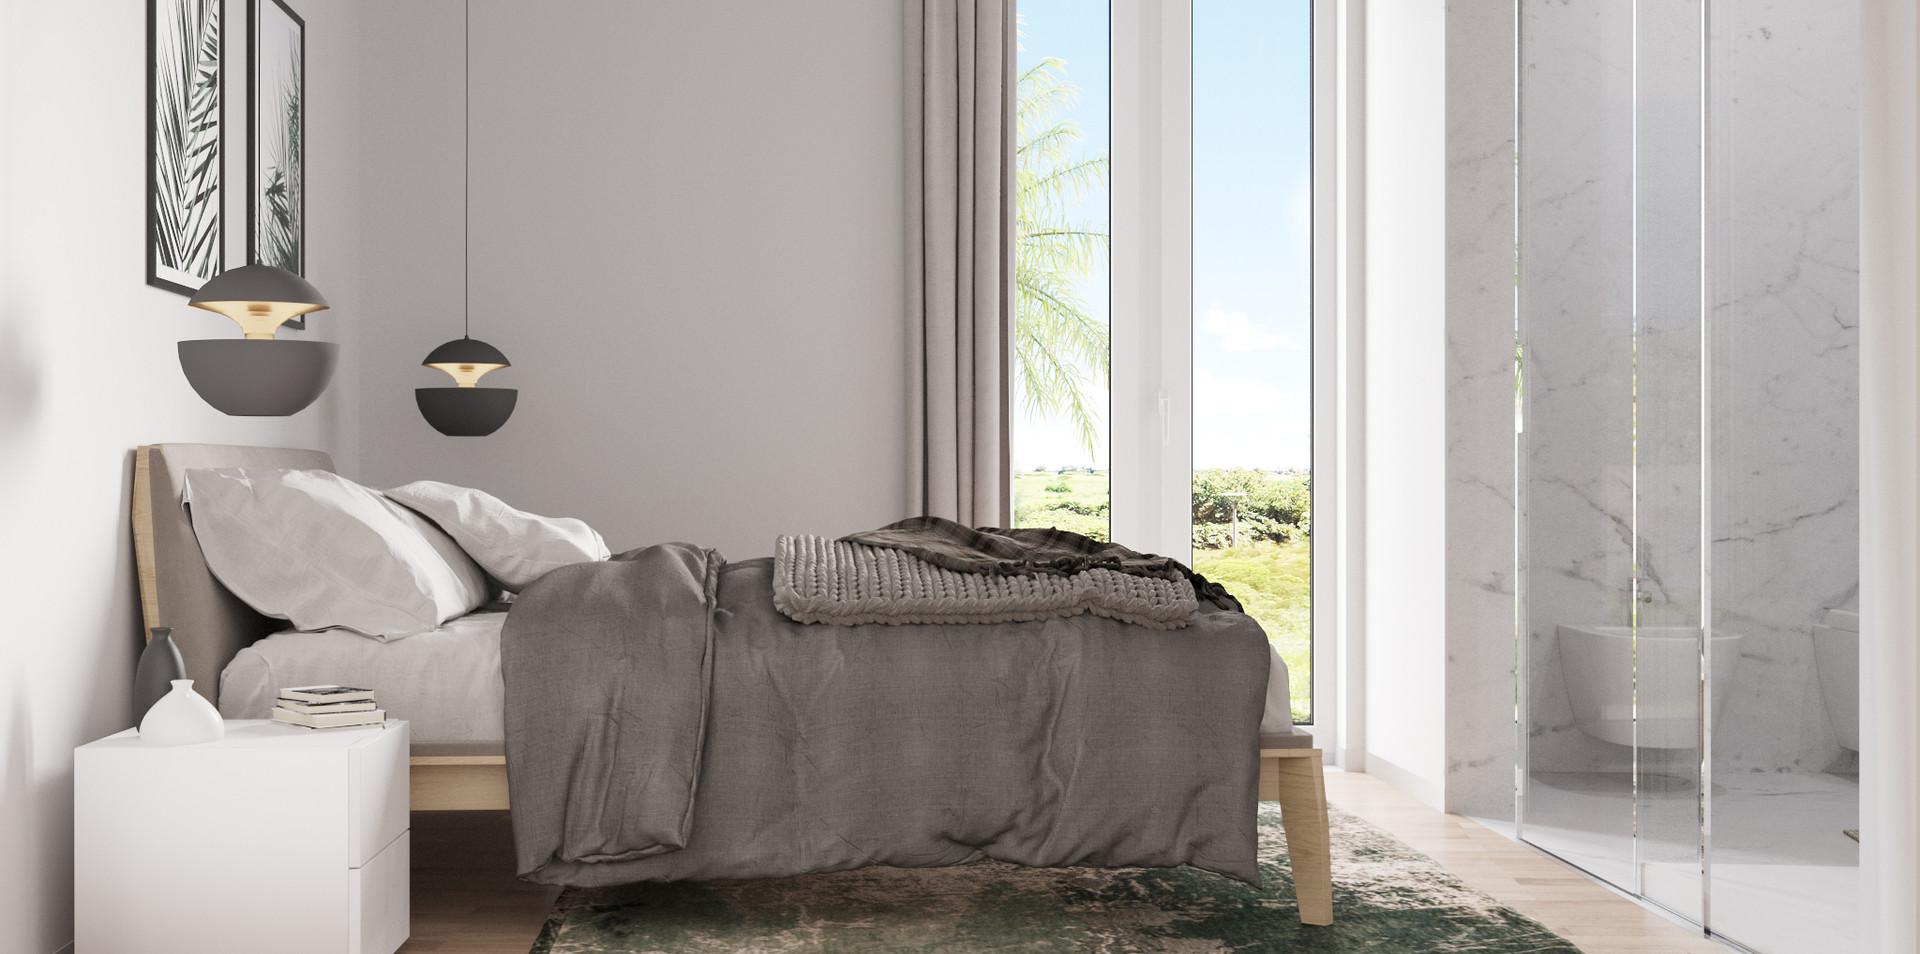 Villamoura_Ap 16_Bedroom 1